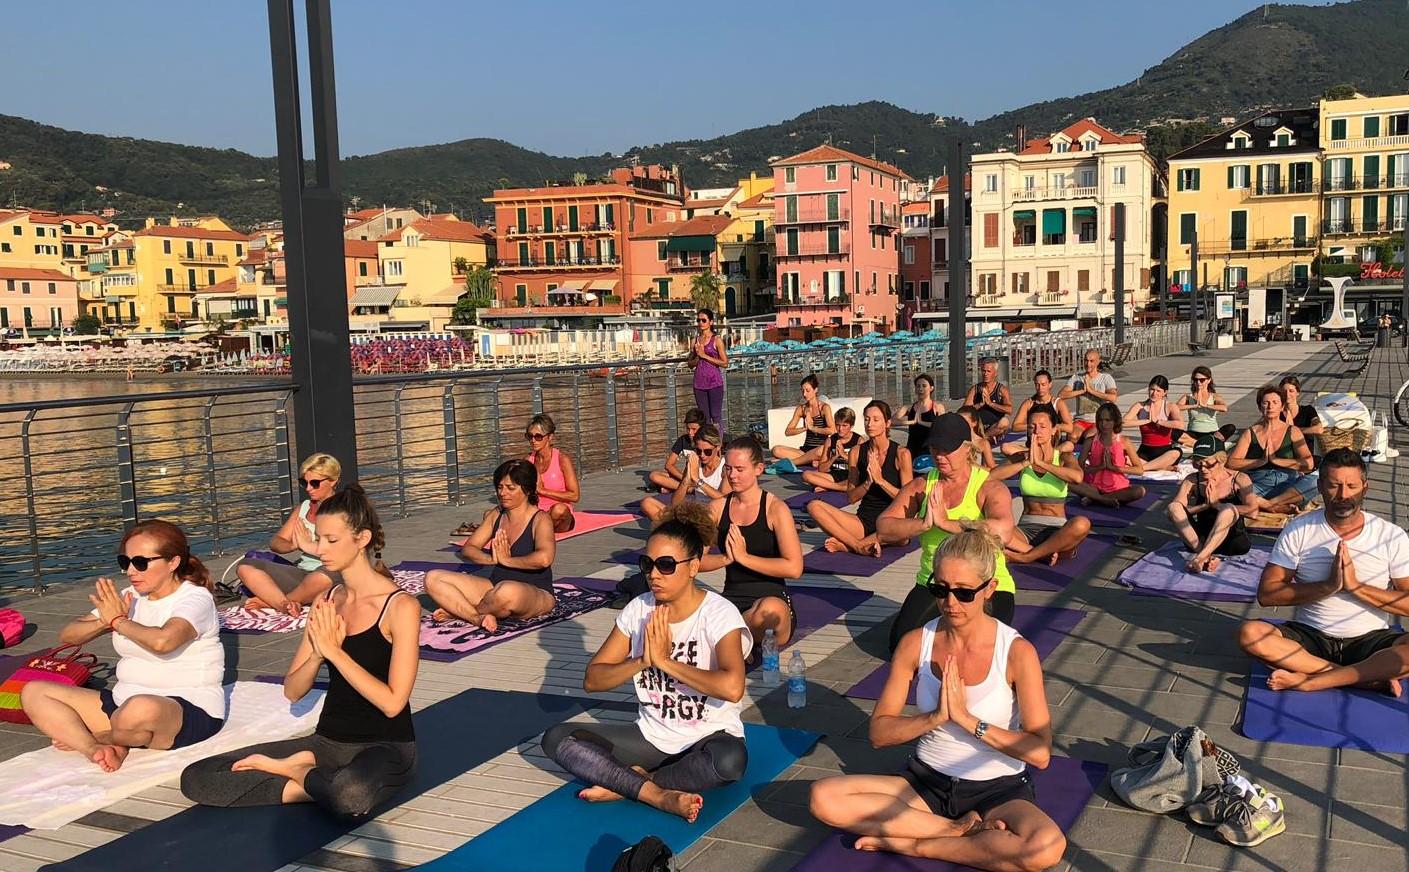 1_essere-free-yoga-gratuito-benessere-per-tutti-village-citta-alassio-estate-lucia-ragazzi-summer-town-wellness-001